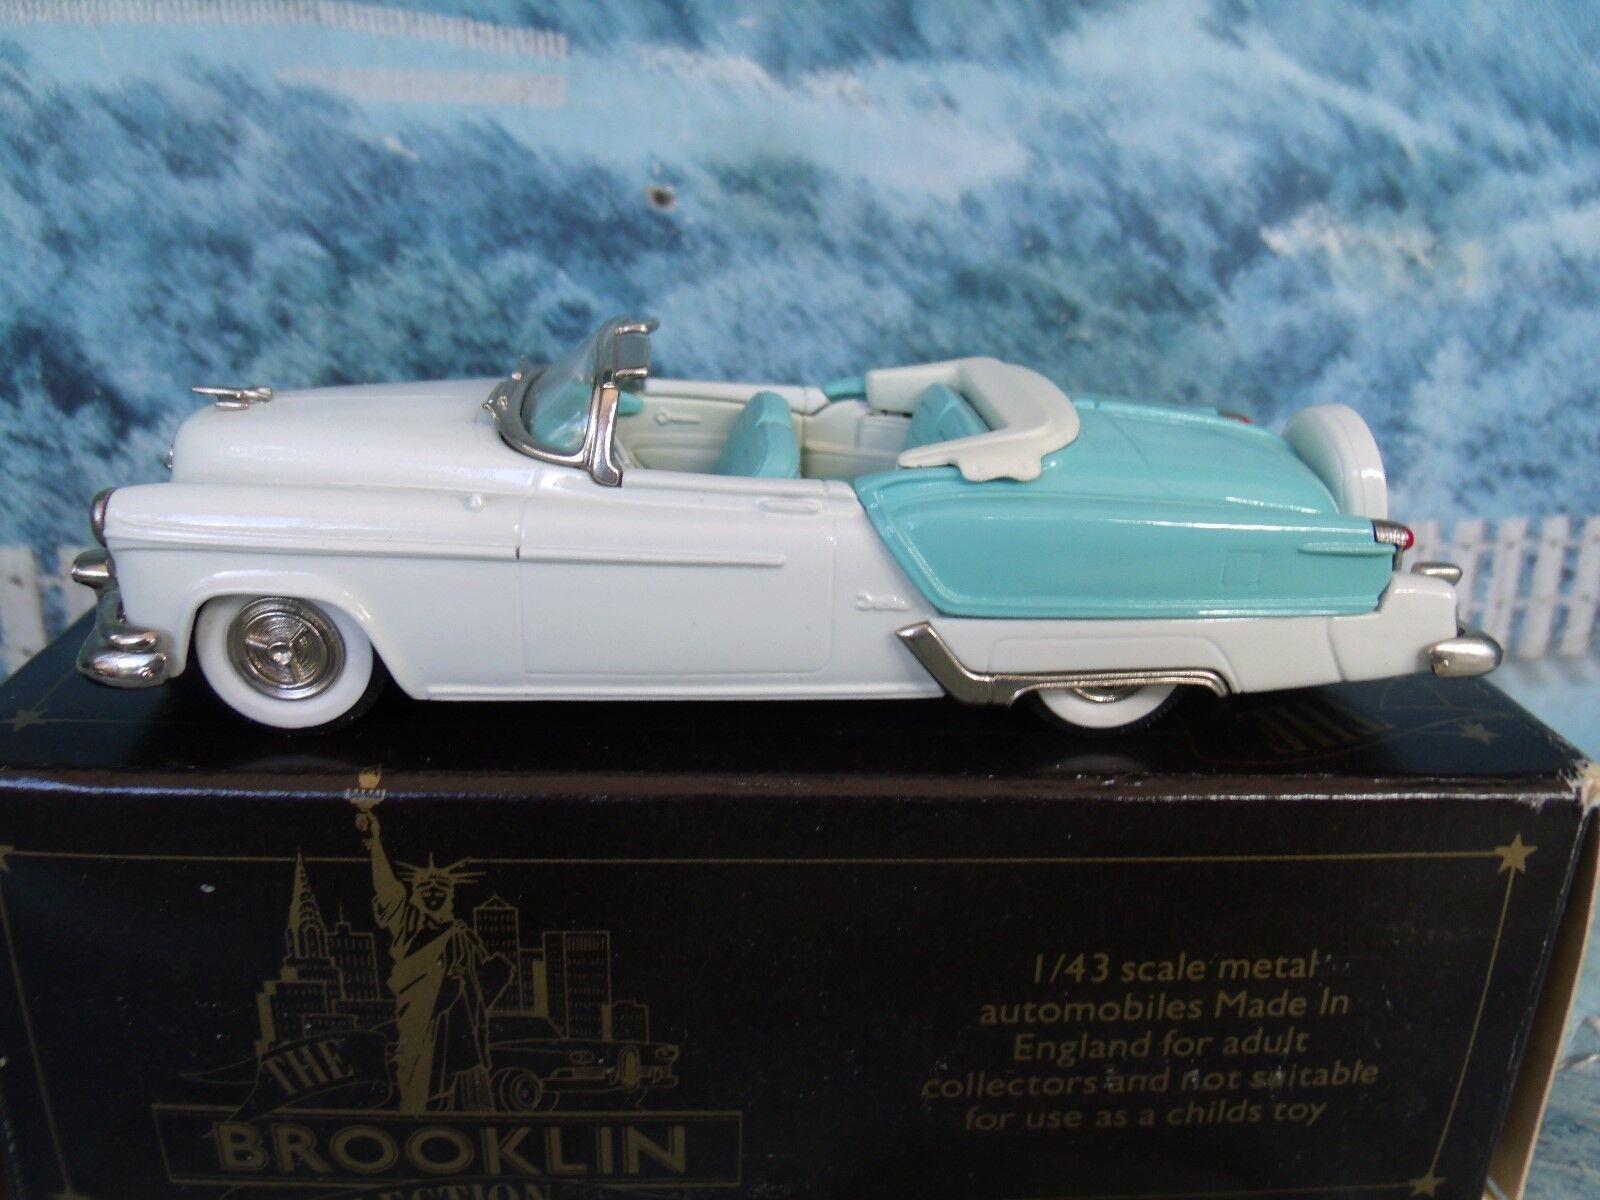 1 43 Brooklin models  1953 Oldsmobile Fiesta 1996 BRK.39  blancoo metal